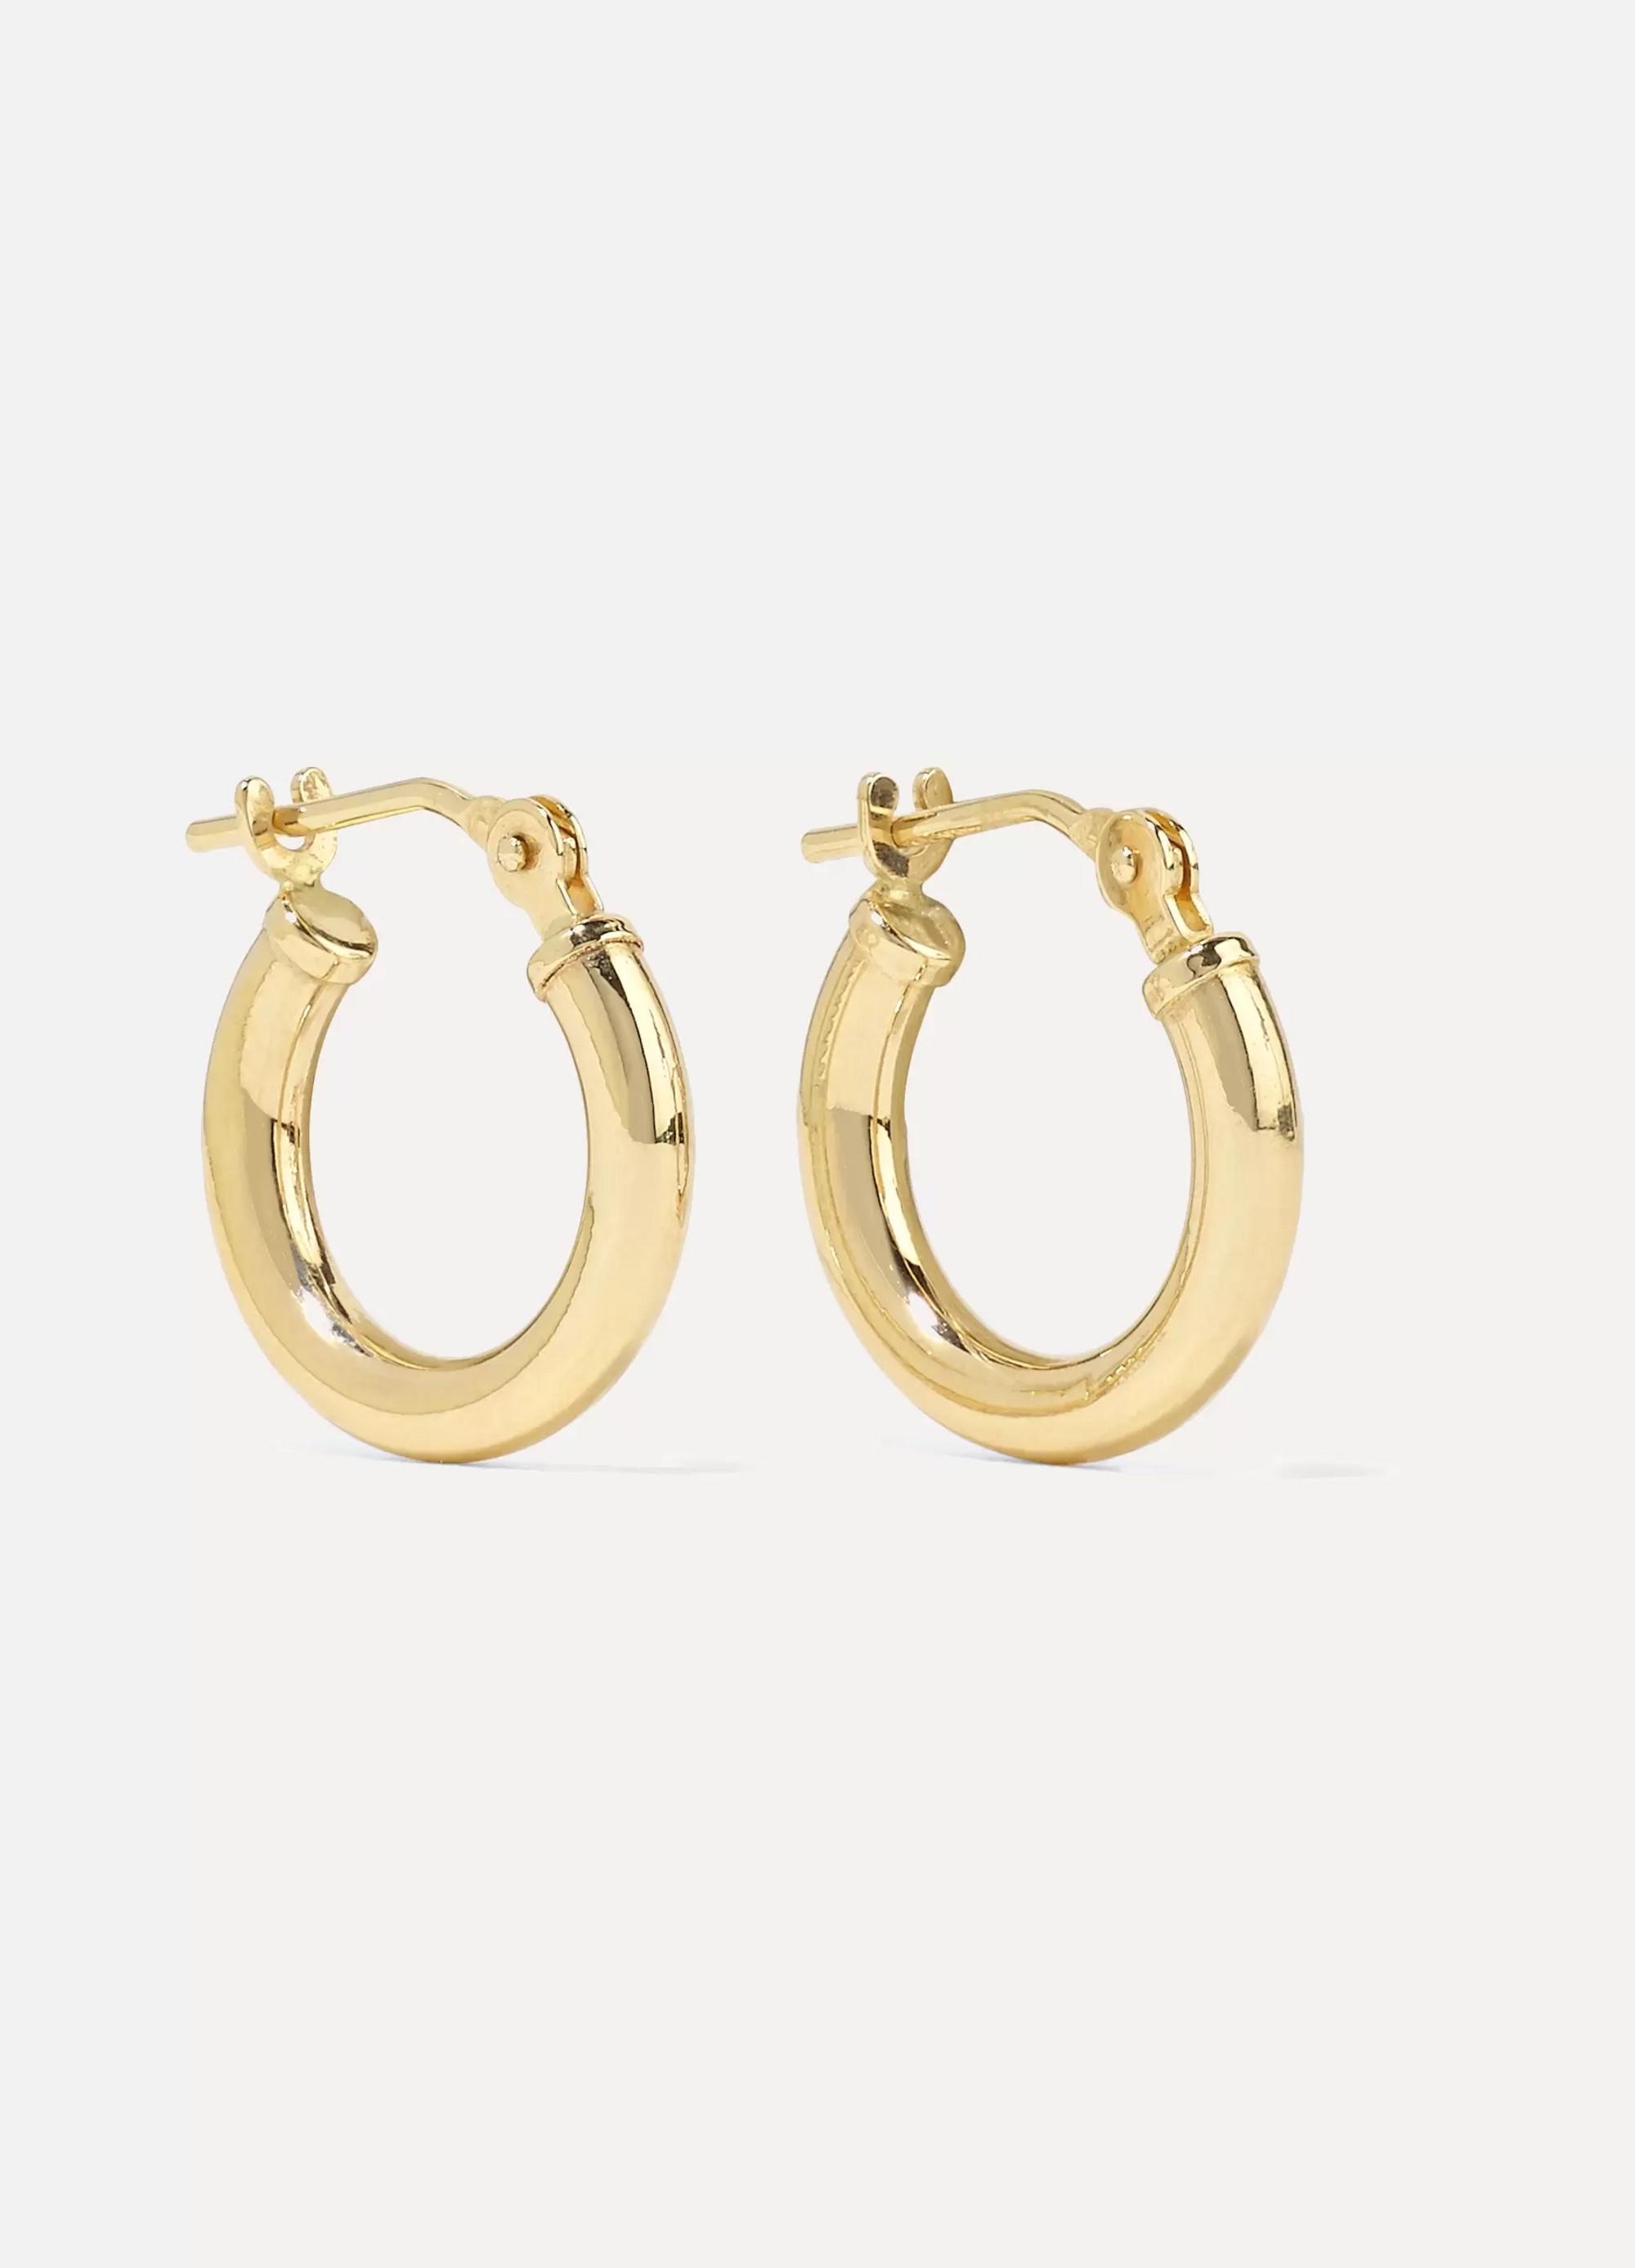 Loren Stewart Baby Chubbie Huggies gold hoop earrings